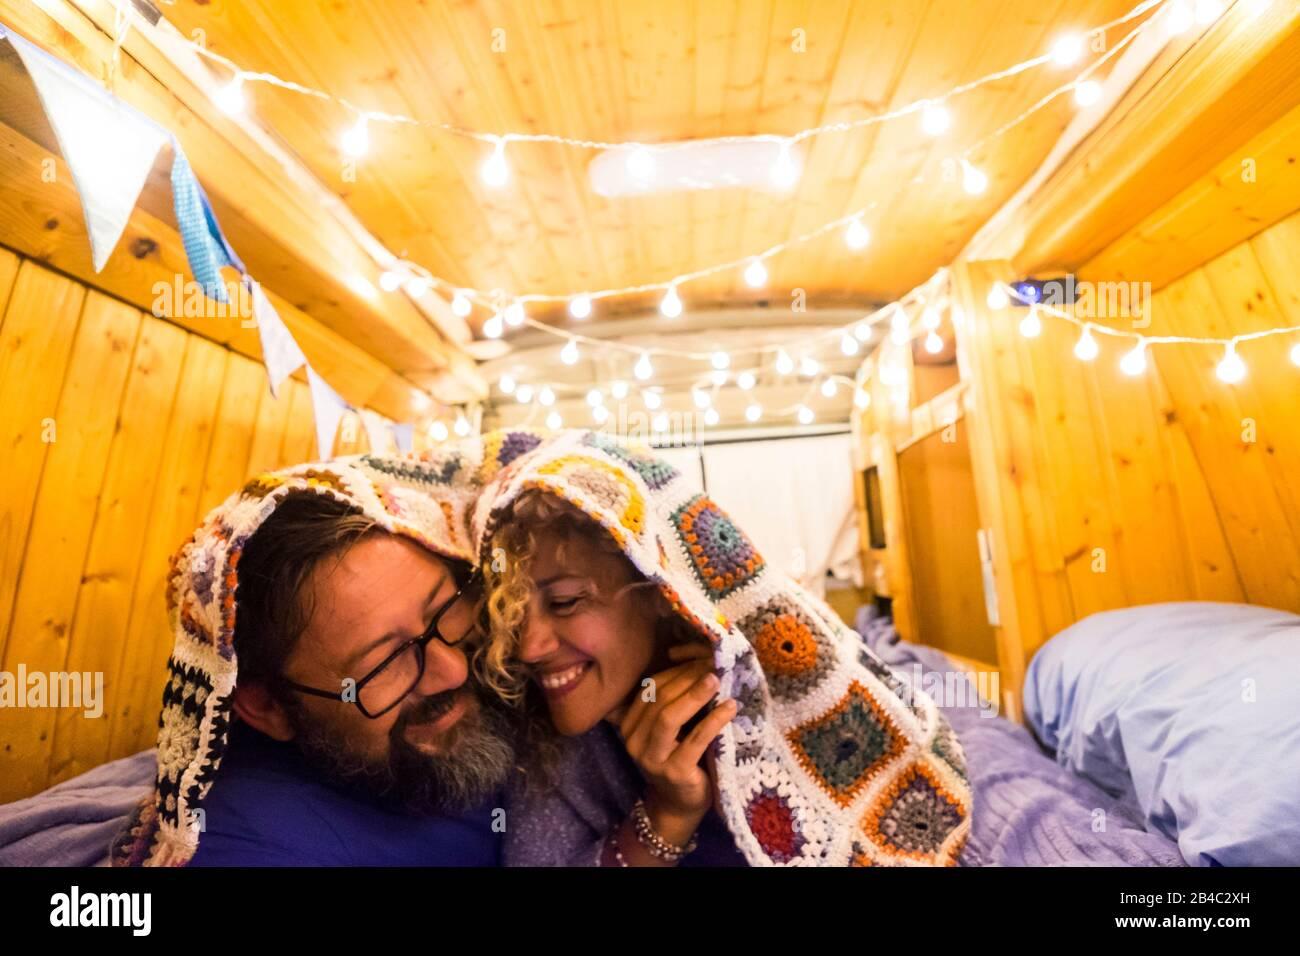 Ein Paar in Liebe und Beziehung hat Spaß während eines Reisefursen mit einem alten restaurierten Kleintransporter zu einem kleinen Haus - van Life Konzept für moderne Trend-Leute, die die Freiheit und den Minimalismus Lebensstil genießen Stockfoto